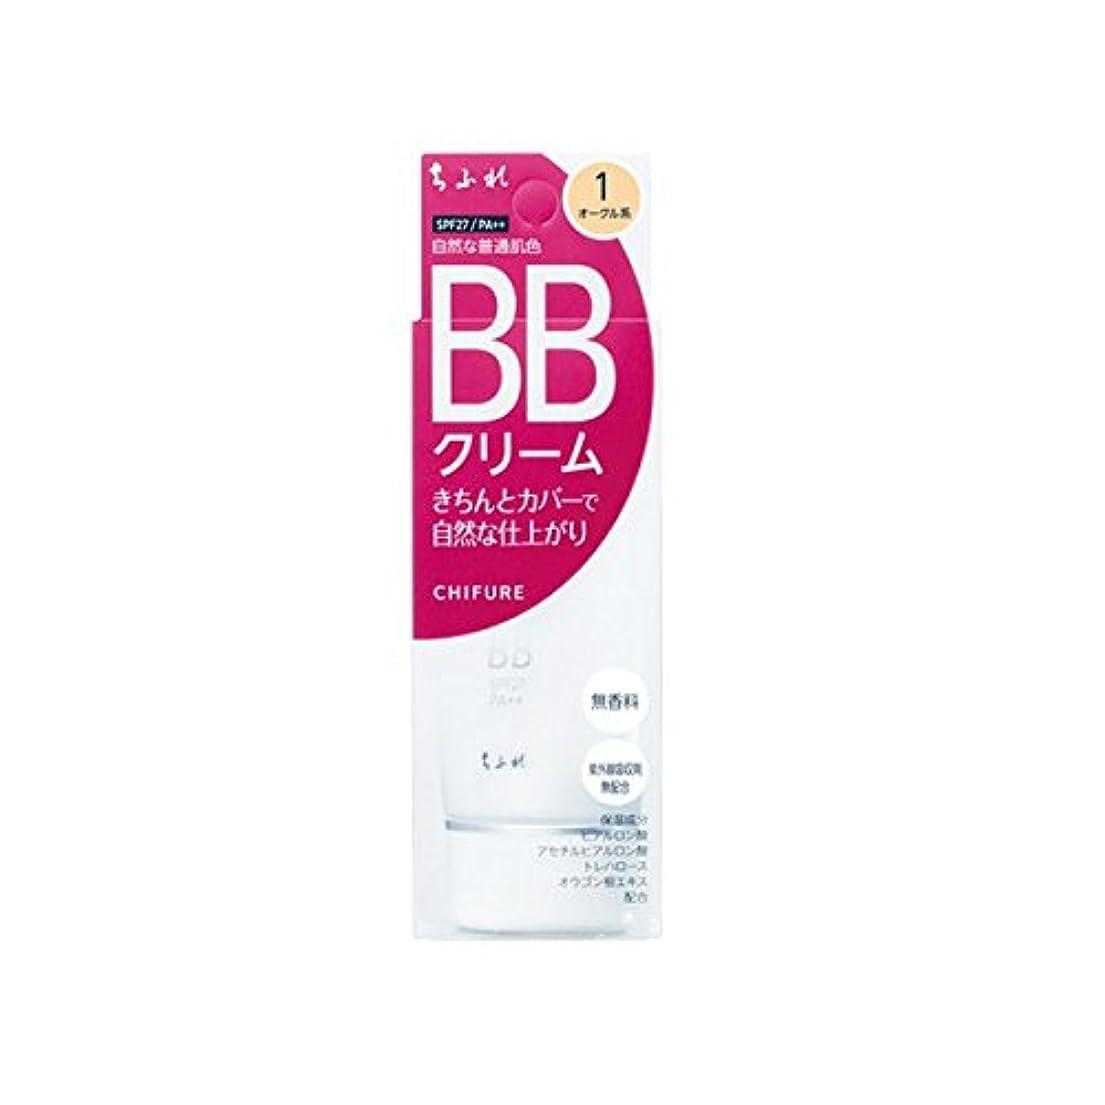 縁回転石油ちふれ化粧品 BB クリーム 1 自然な普通肌色 BBクリーム 1